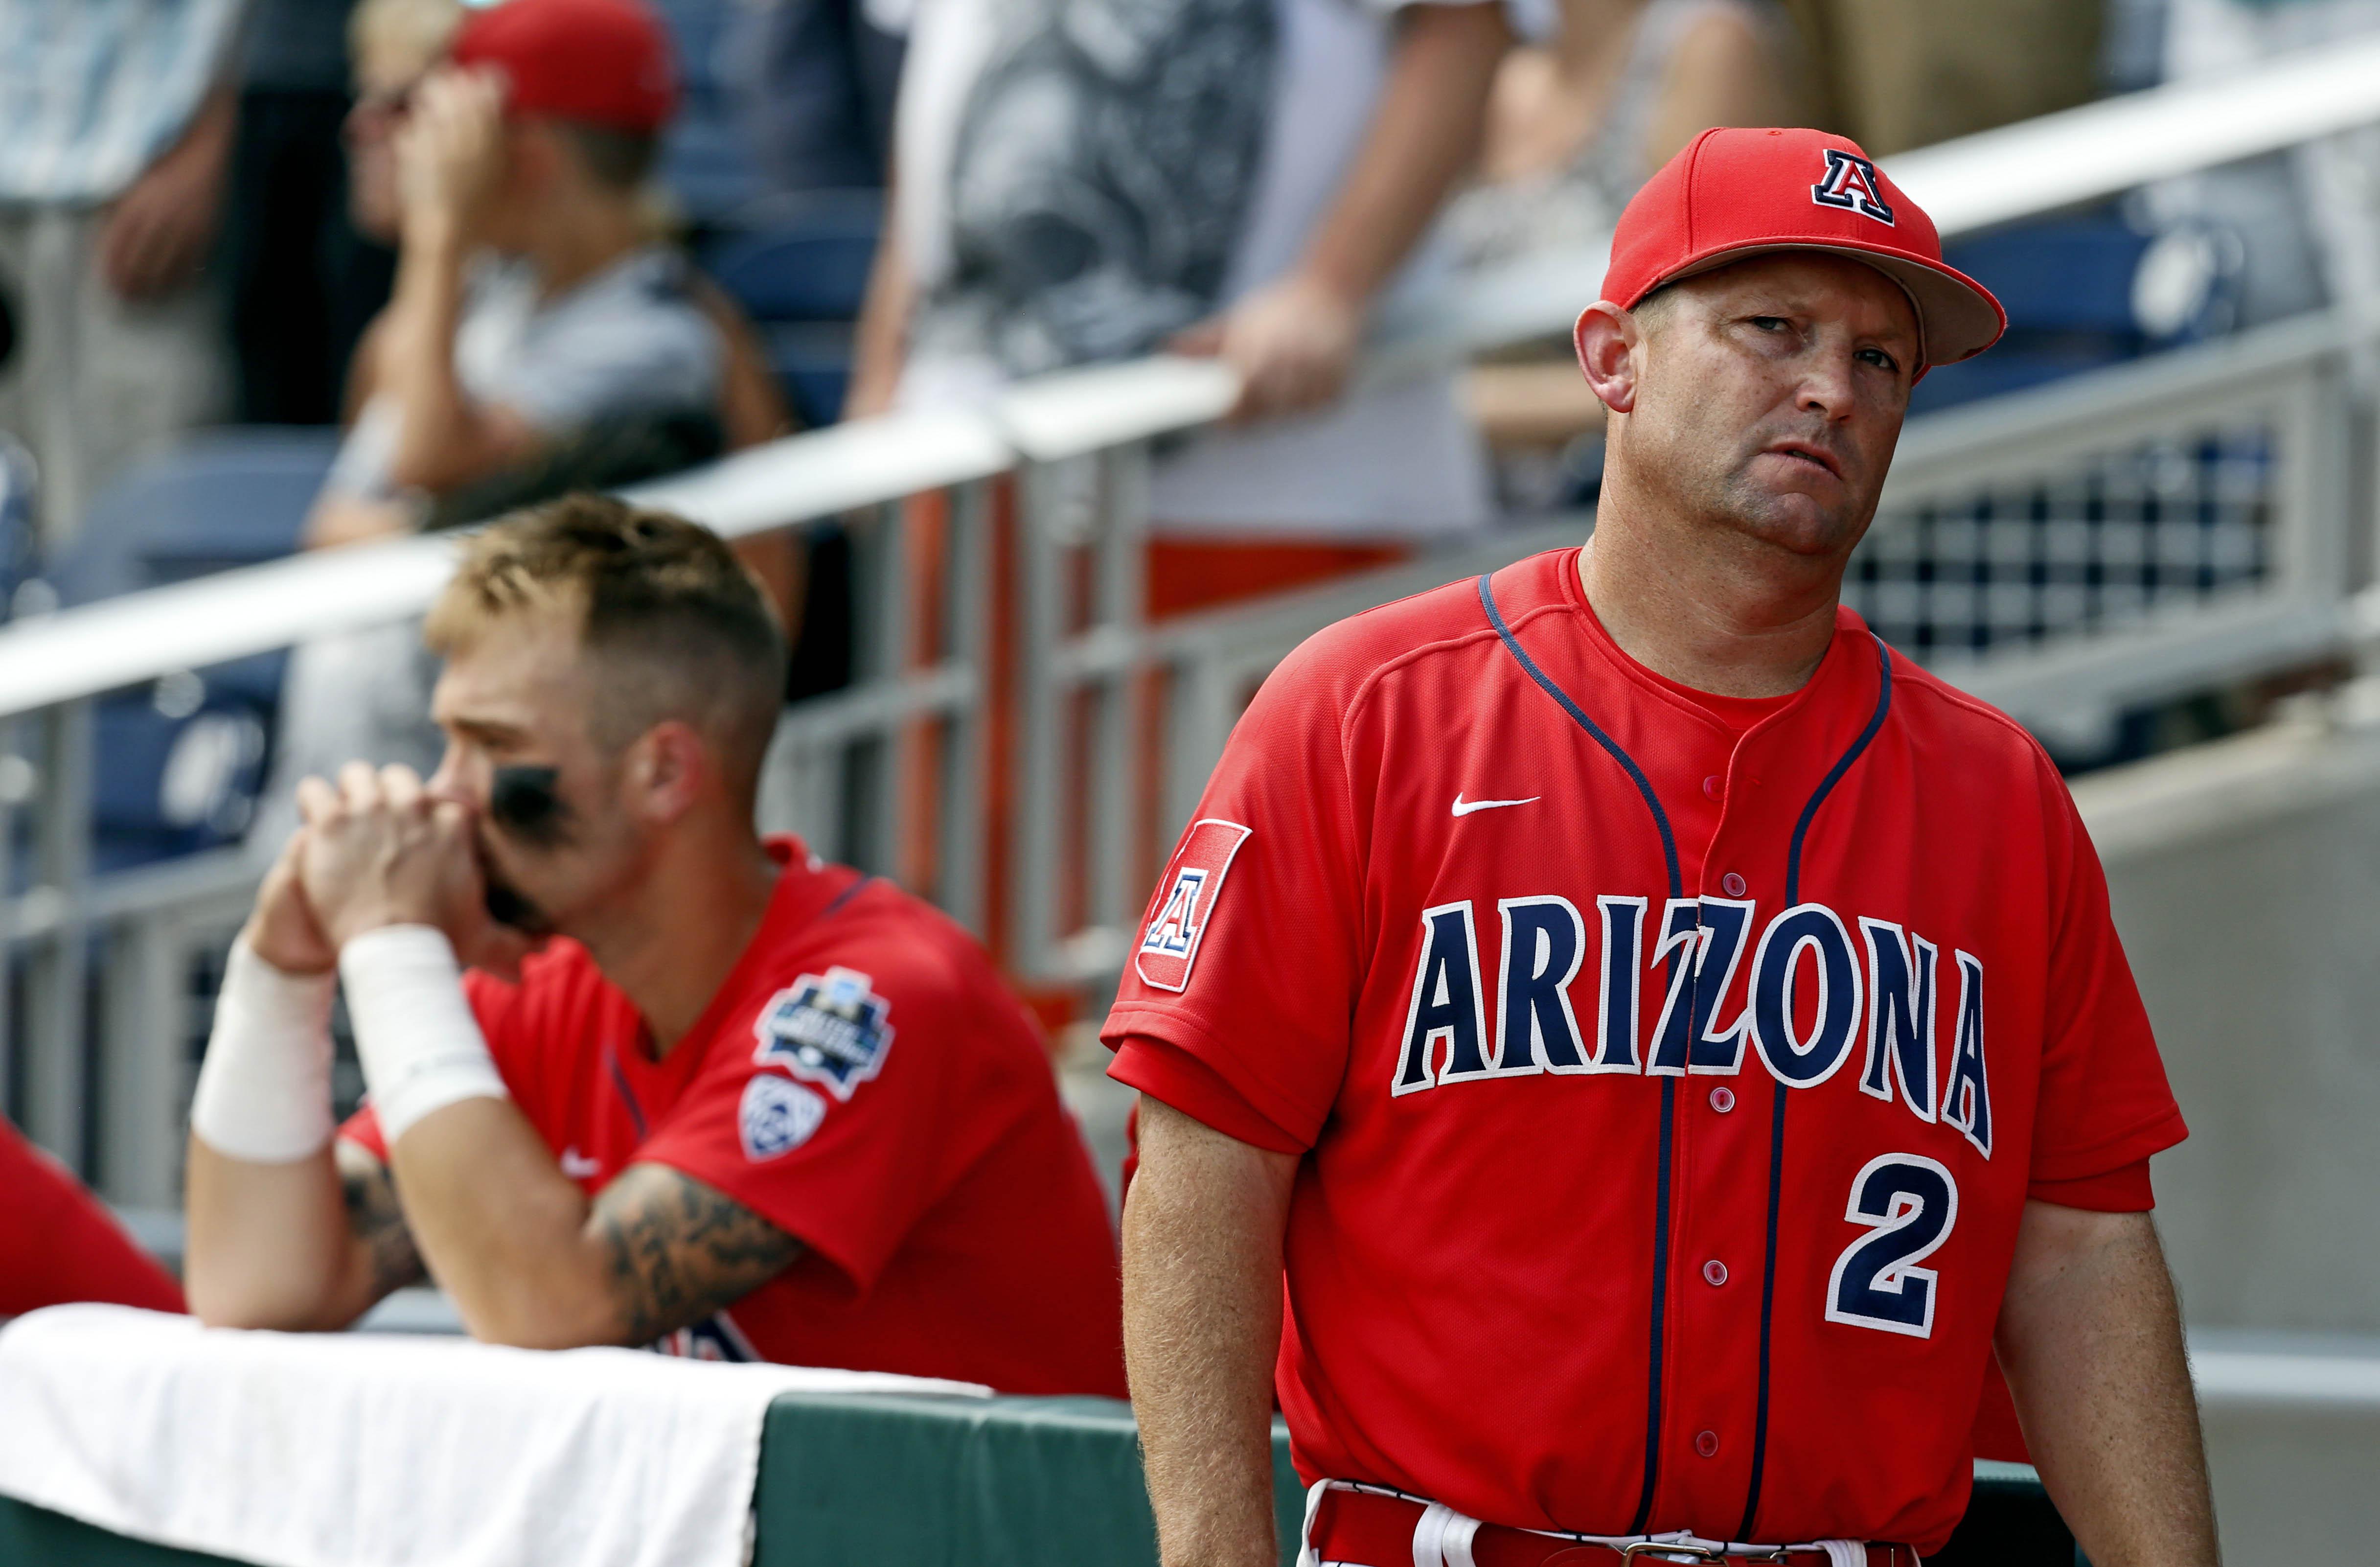 arizona-baseball-recruiting-college-wildcats-2020-alabama-johnson-vainer-scott-bingham